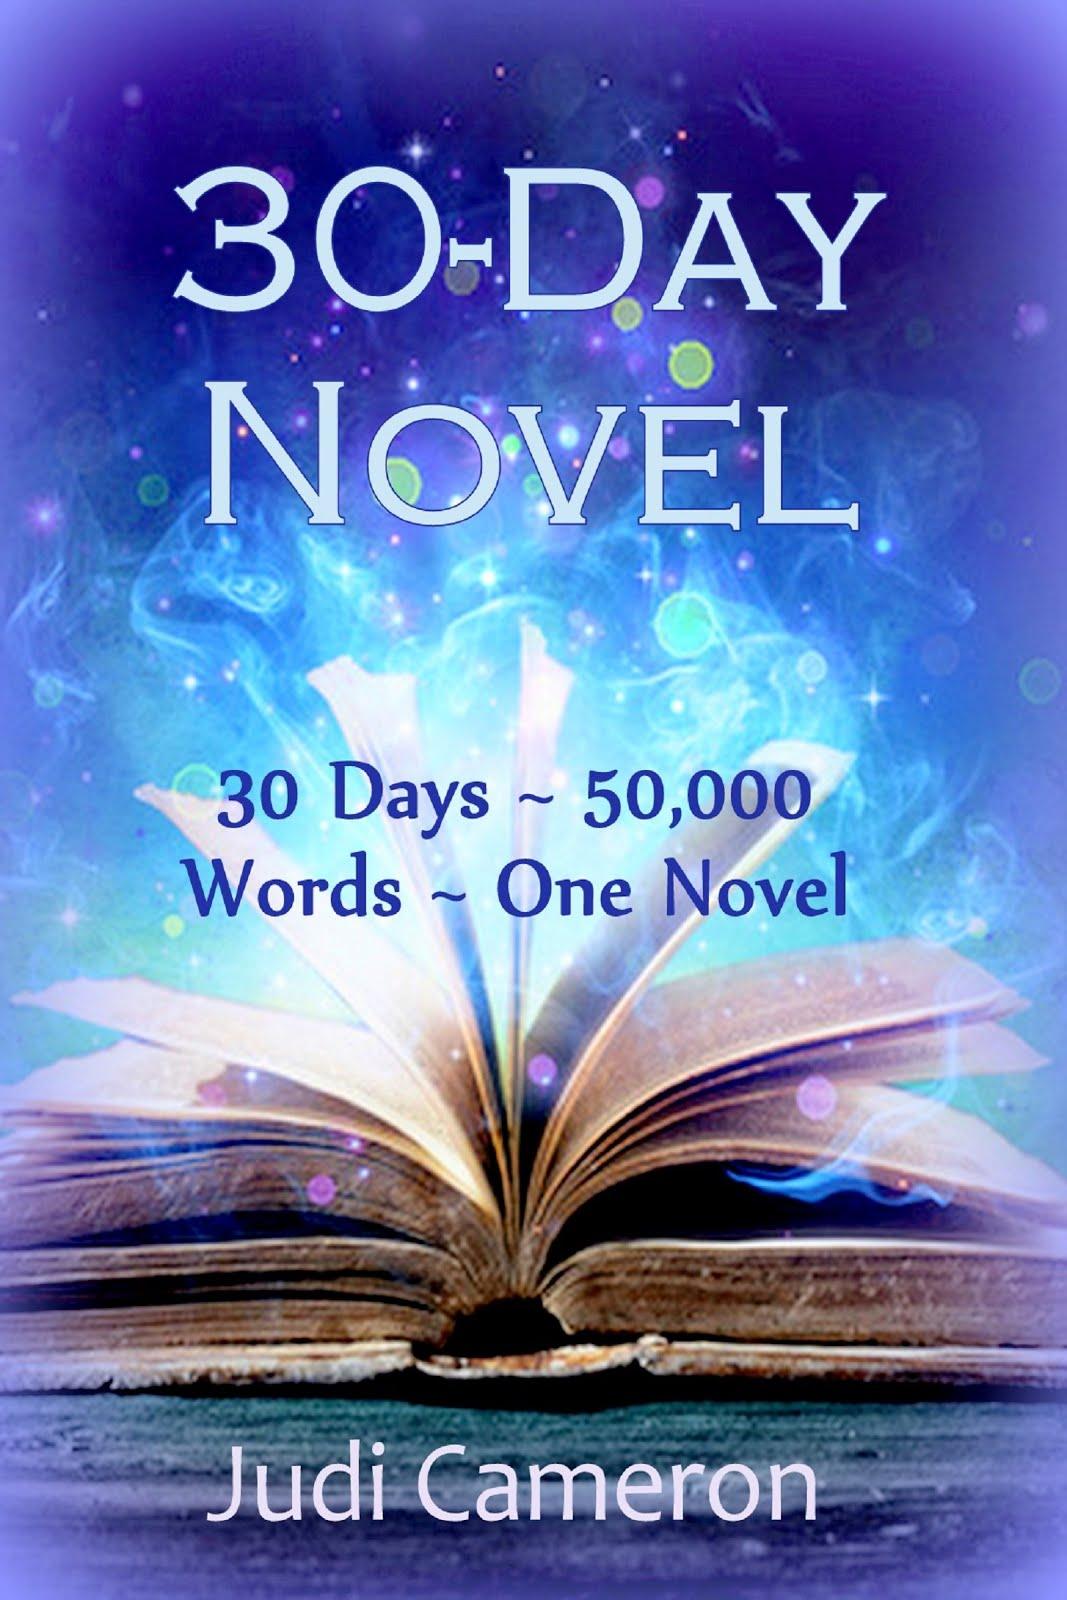 30-Day Novel